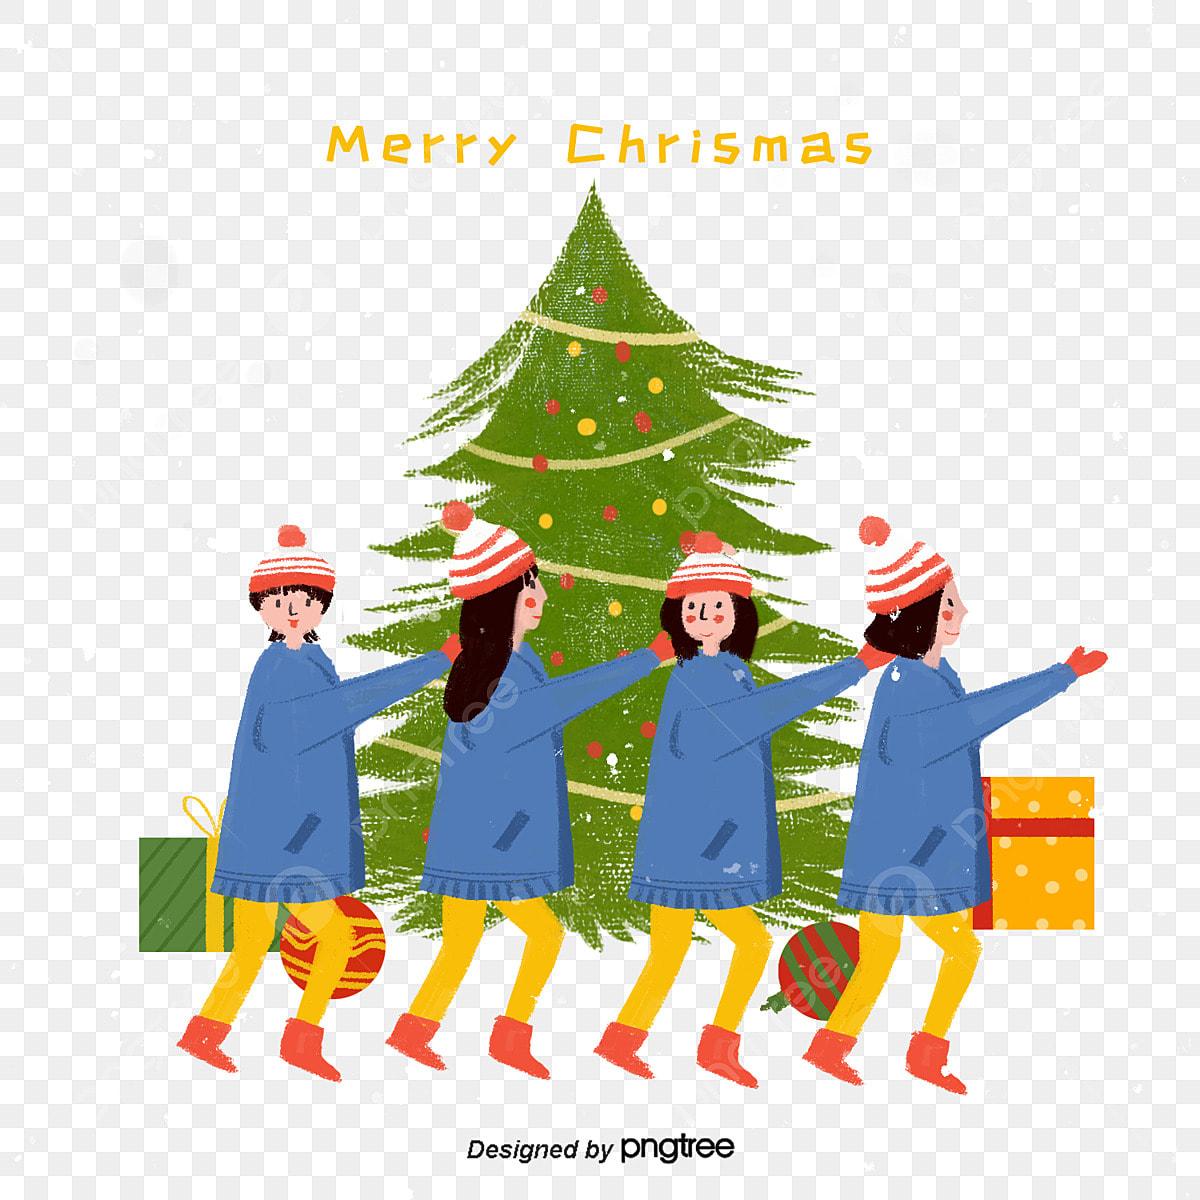 Christmas Team Stock Illustrations – 5,489 Christmas Team Stock  Illustrations, Vectors & Clipart - Dreamstime